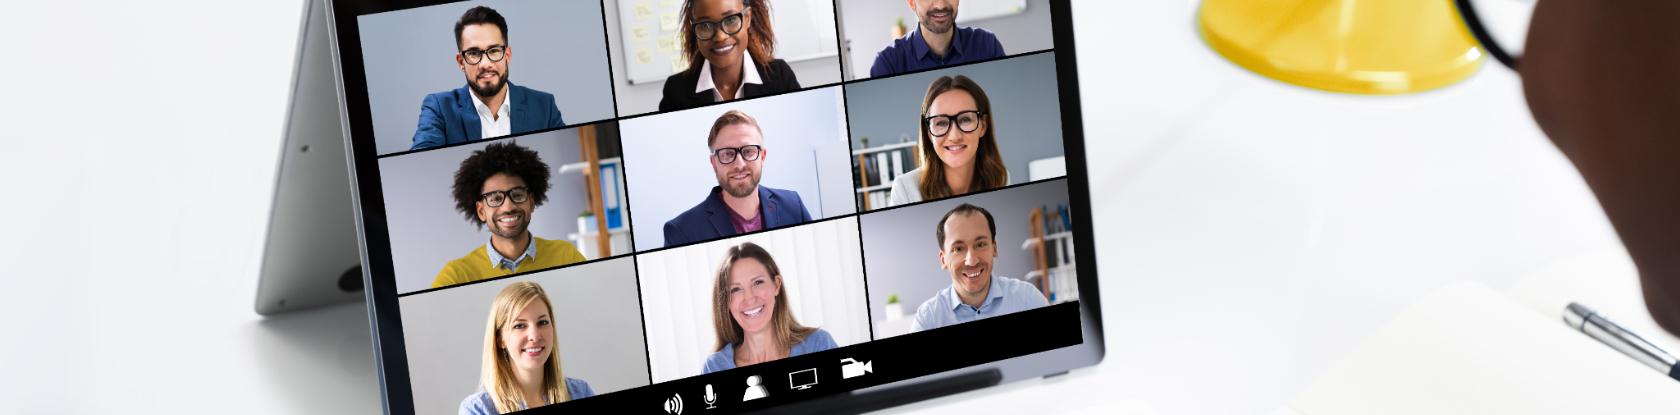 AI Remote Work Culture